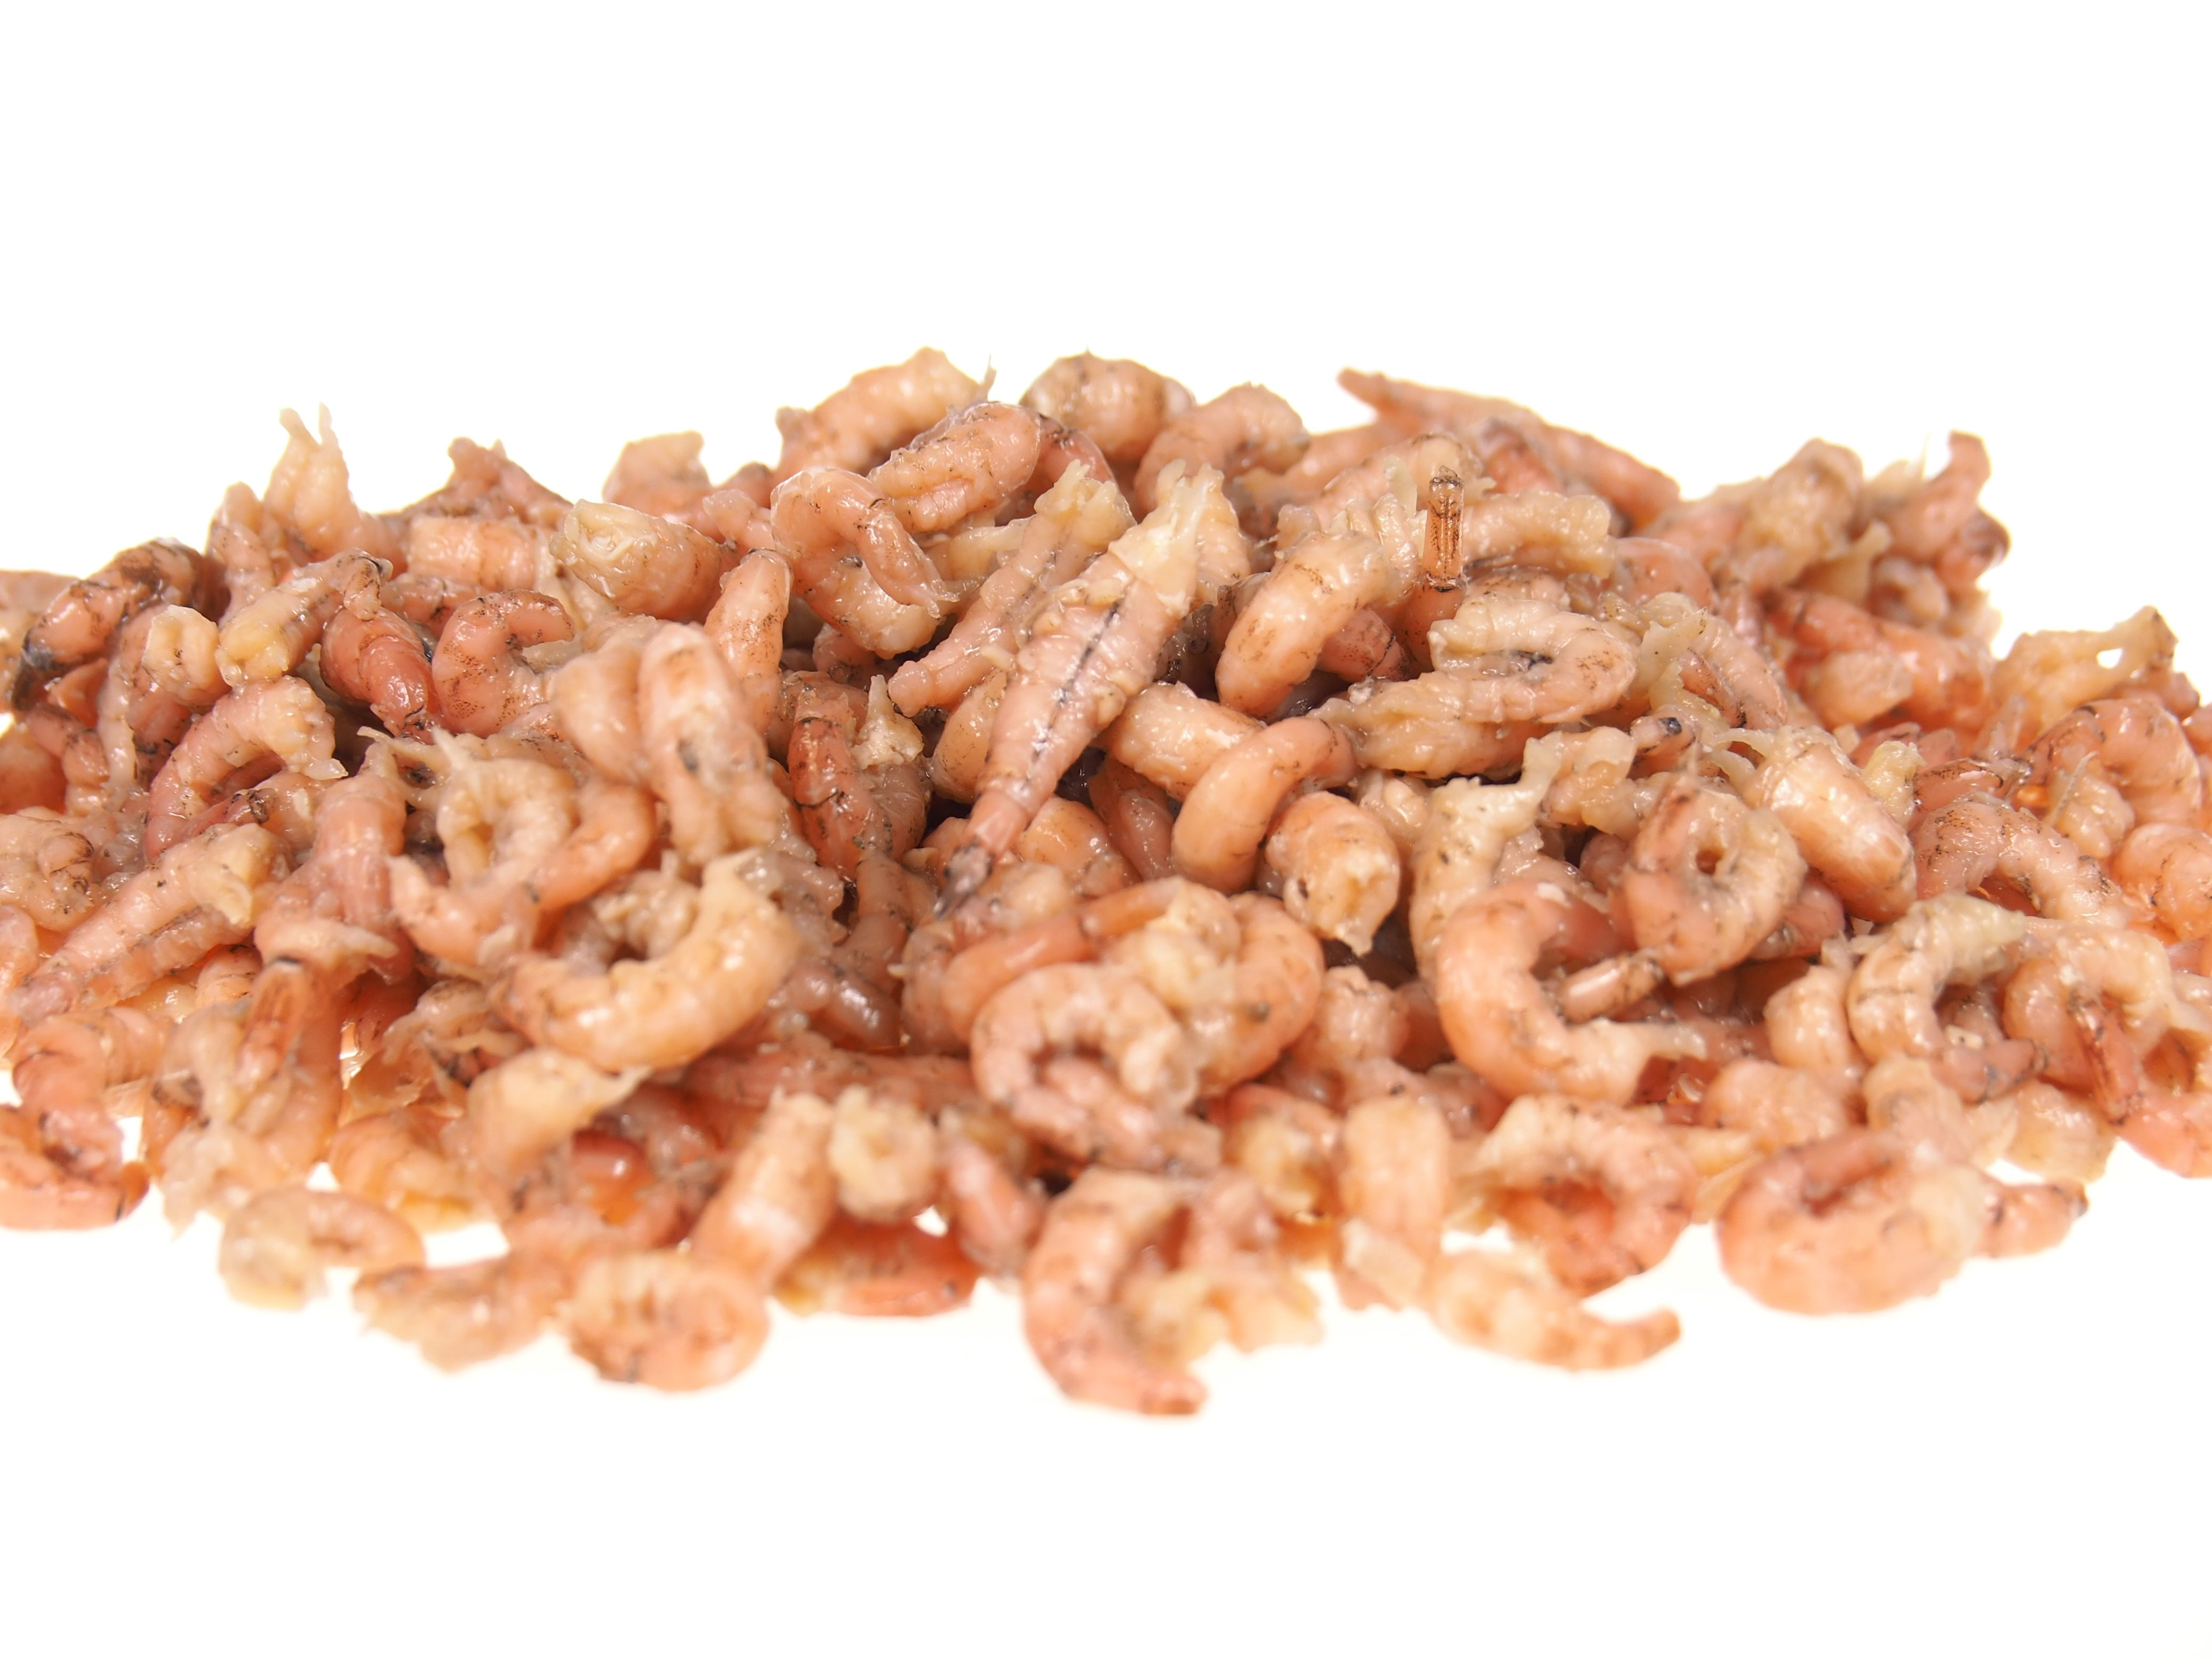 Frischfisch Versand